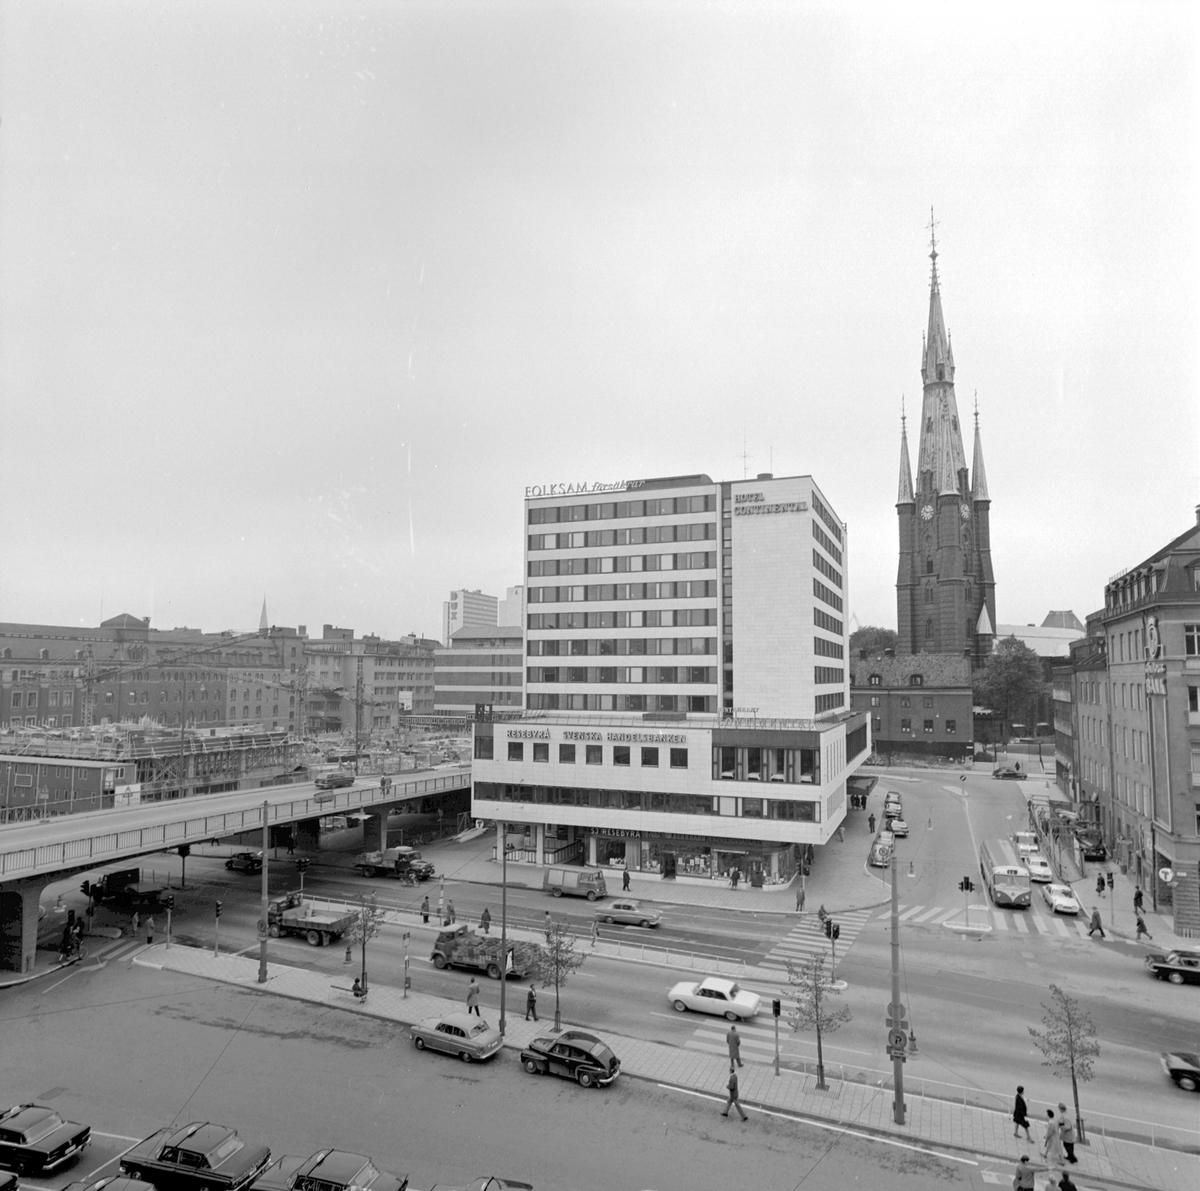 Statens Järnvägars Resebyrå, Vasagatan, Stockholm